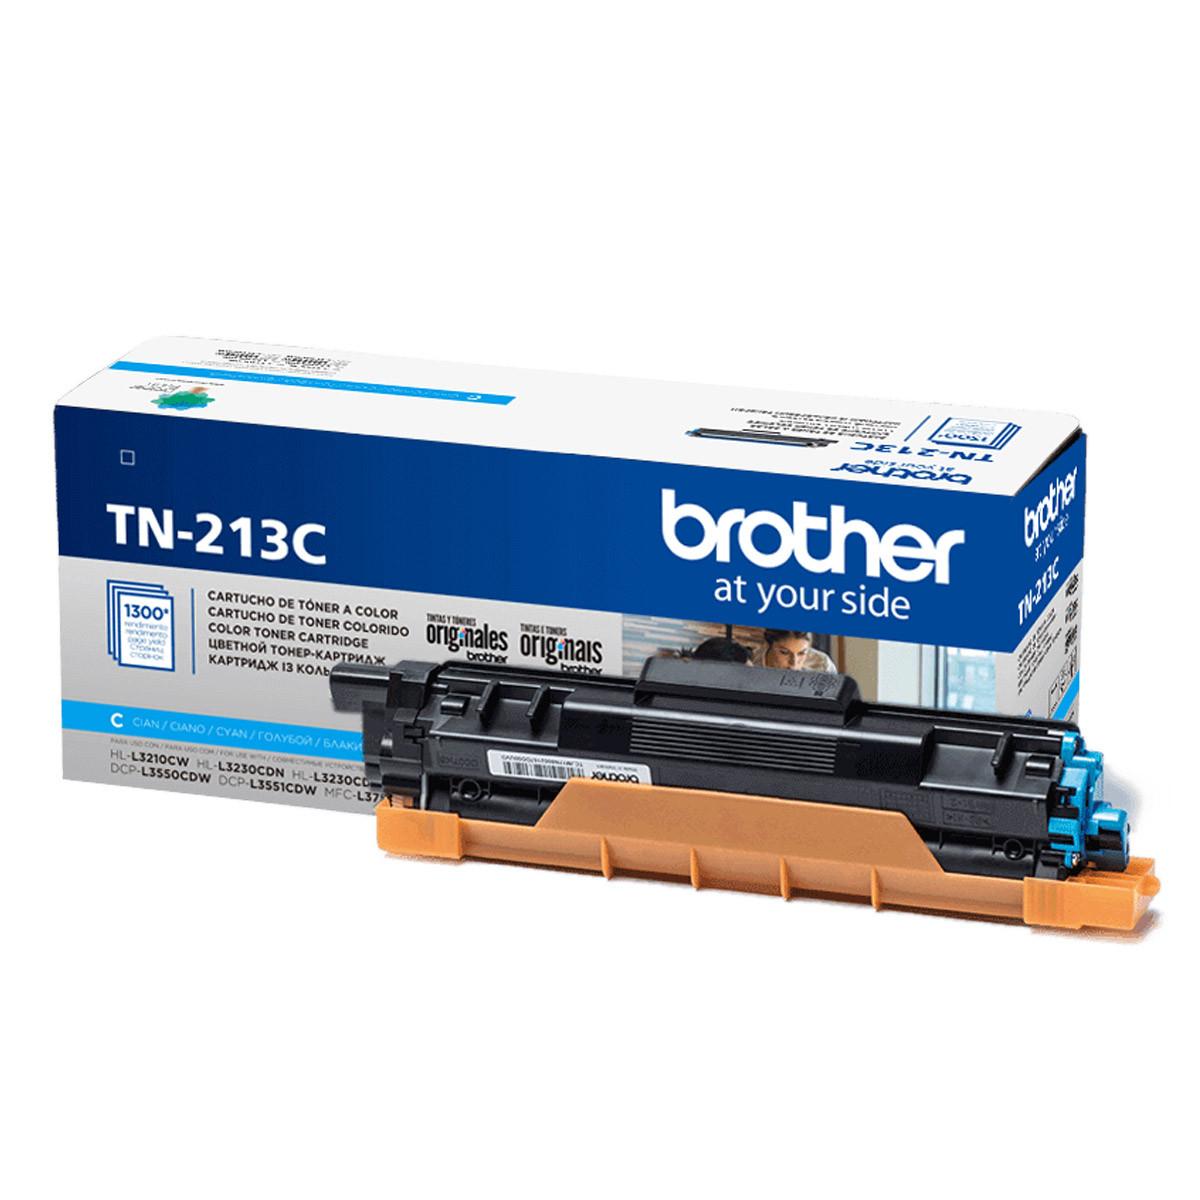 Toner Brother TN-213C TN-213 Ciano | MFC-L3750CDW L3750CDW L3750 | Original 1.4K